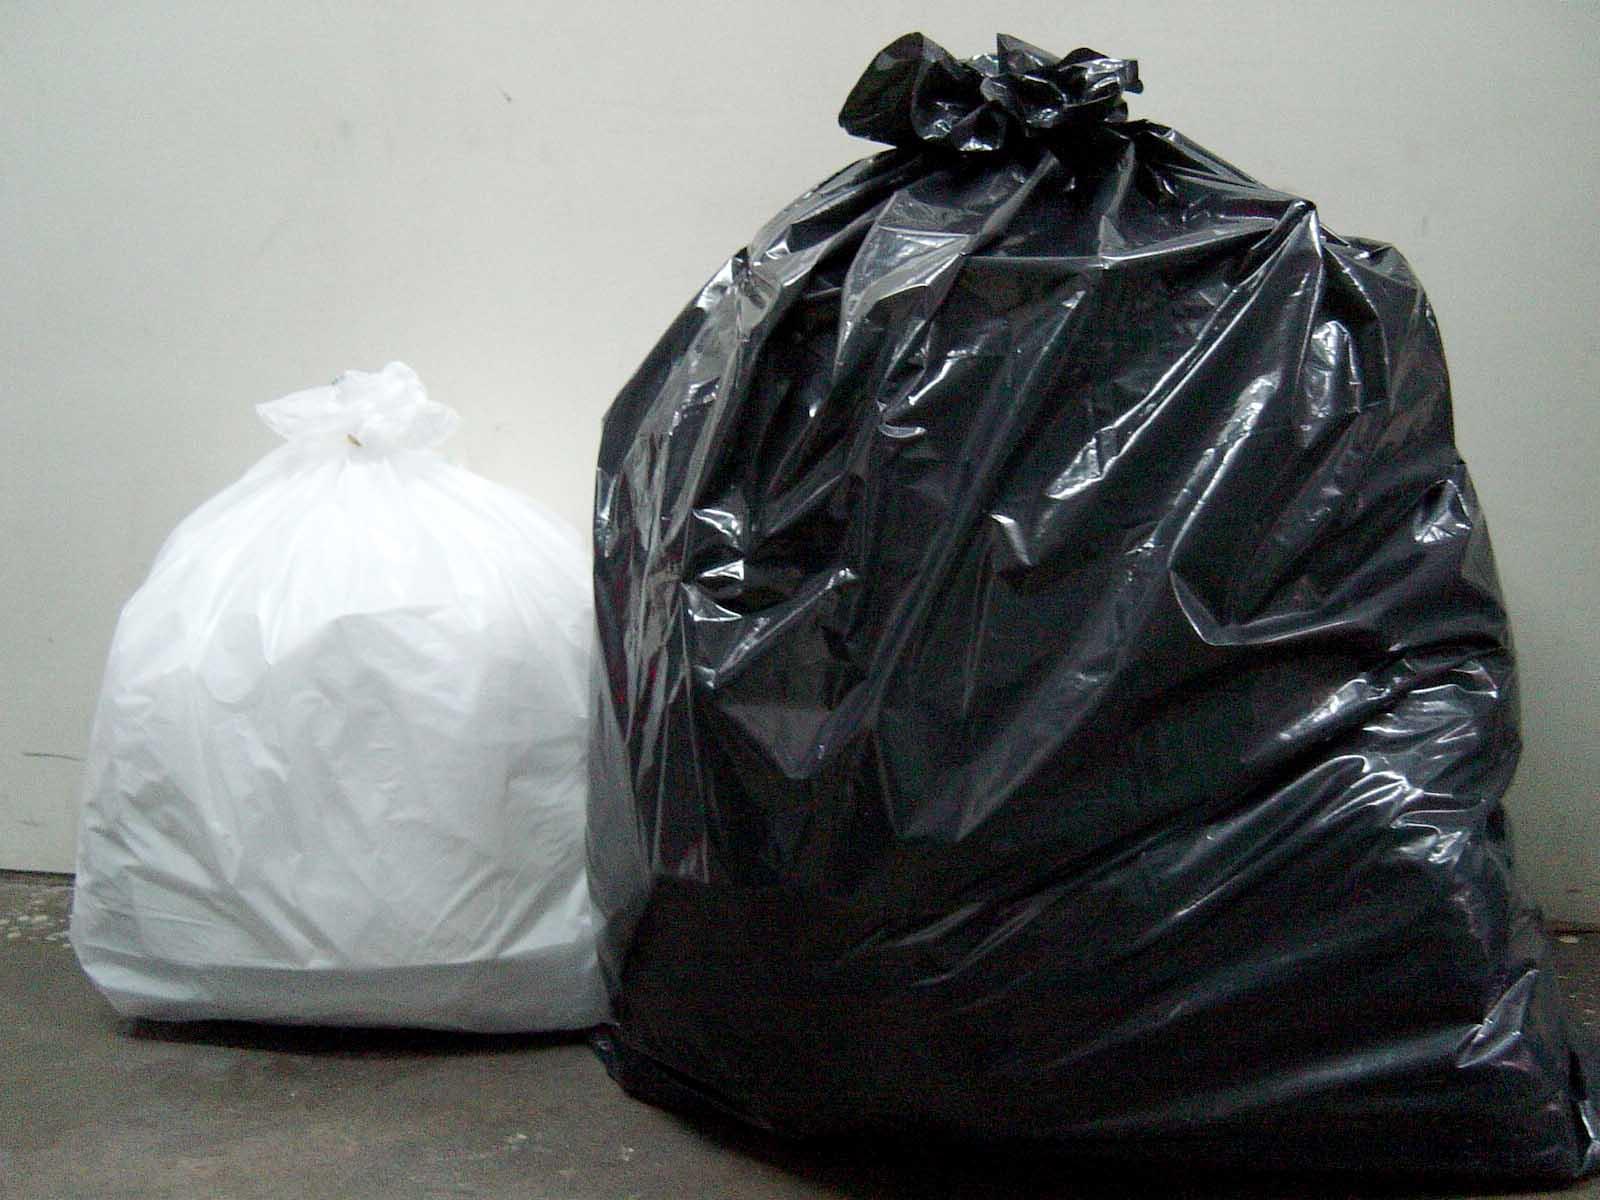 【垃圾袋·垃圾】大型垃圾袋 – TouPeenSeen部落格